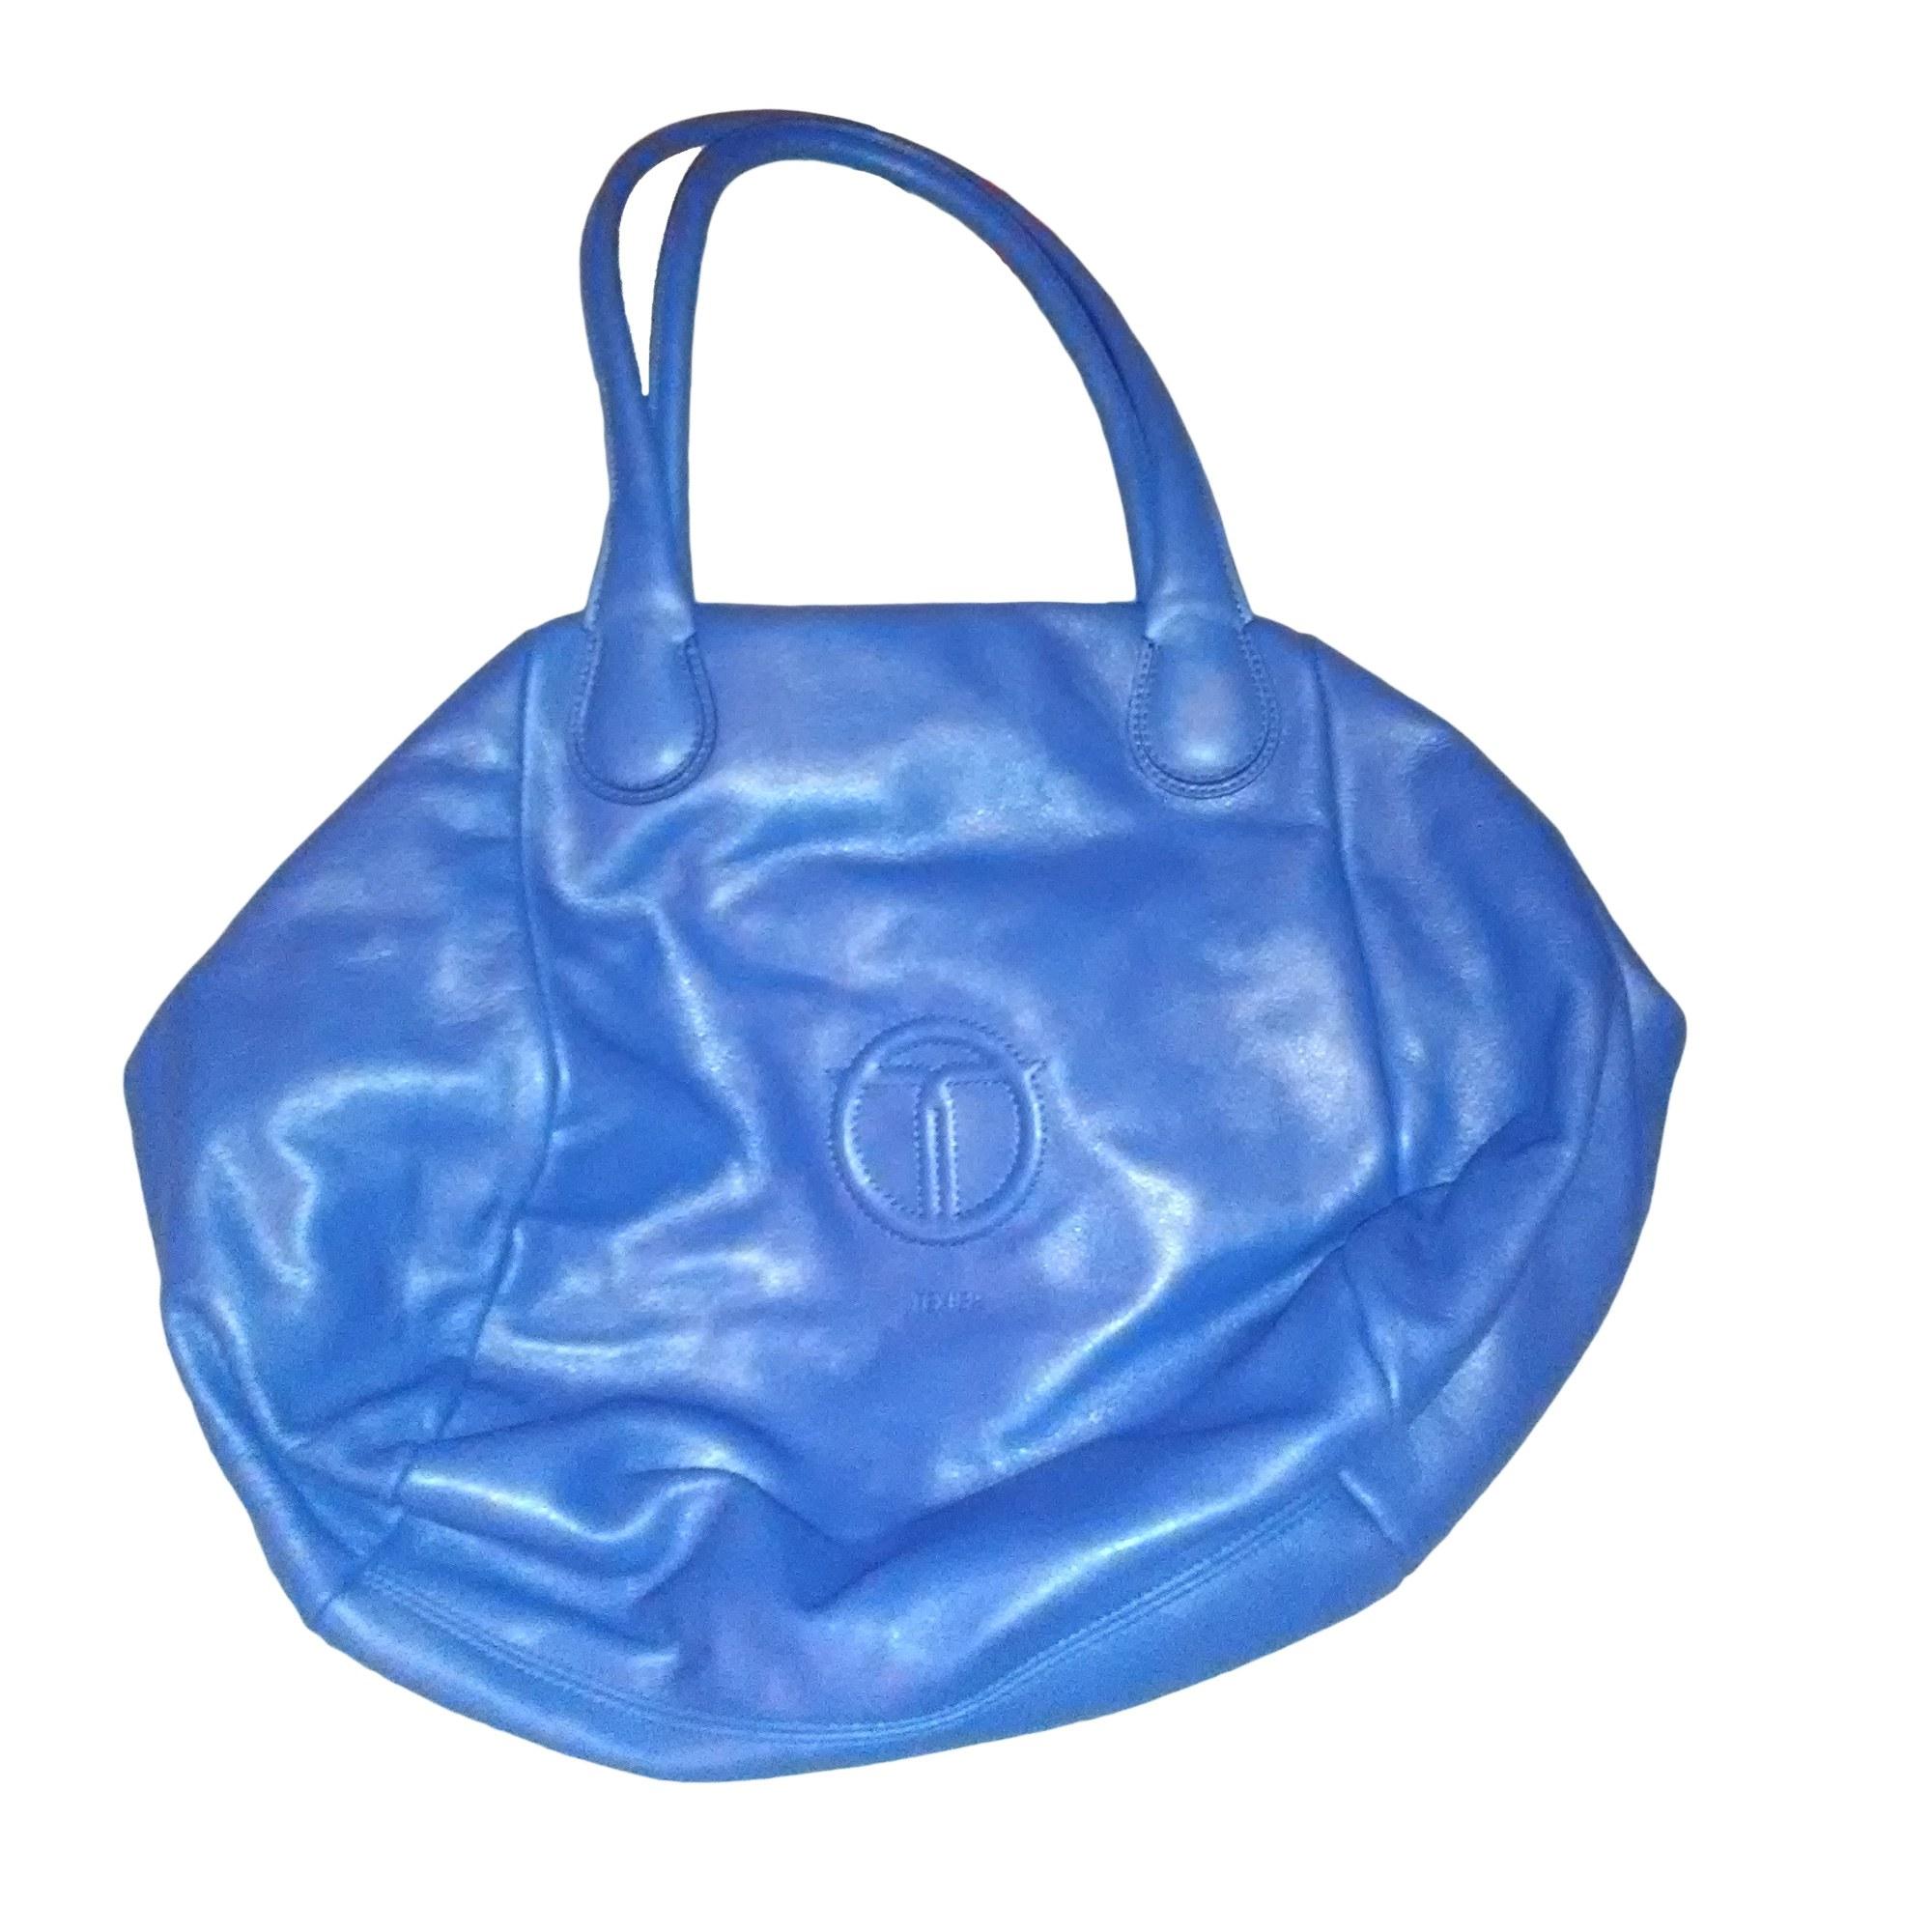 6280b92282 Sac à main en cuir TEXIER Bleu, bleu marine, bleu turquoise